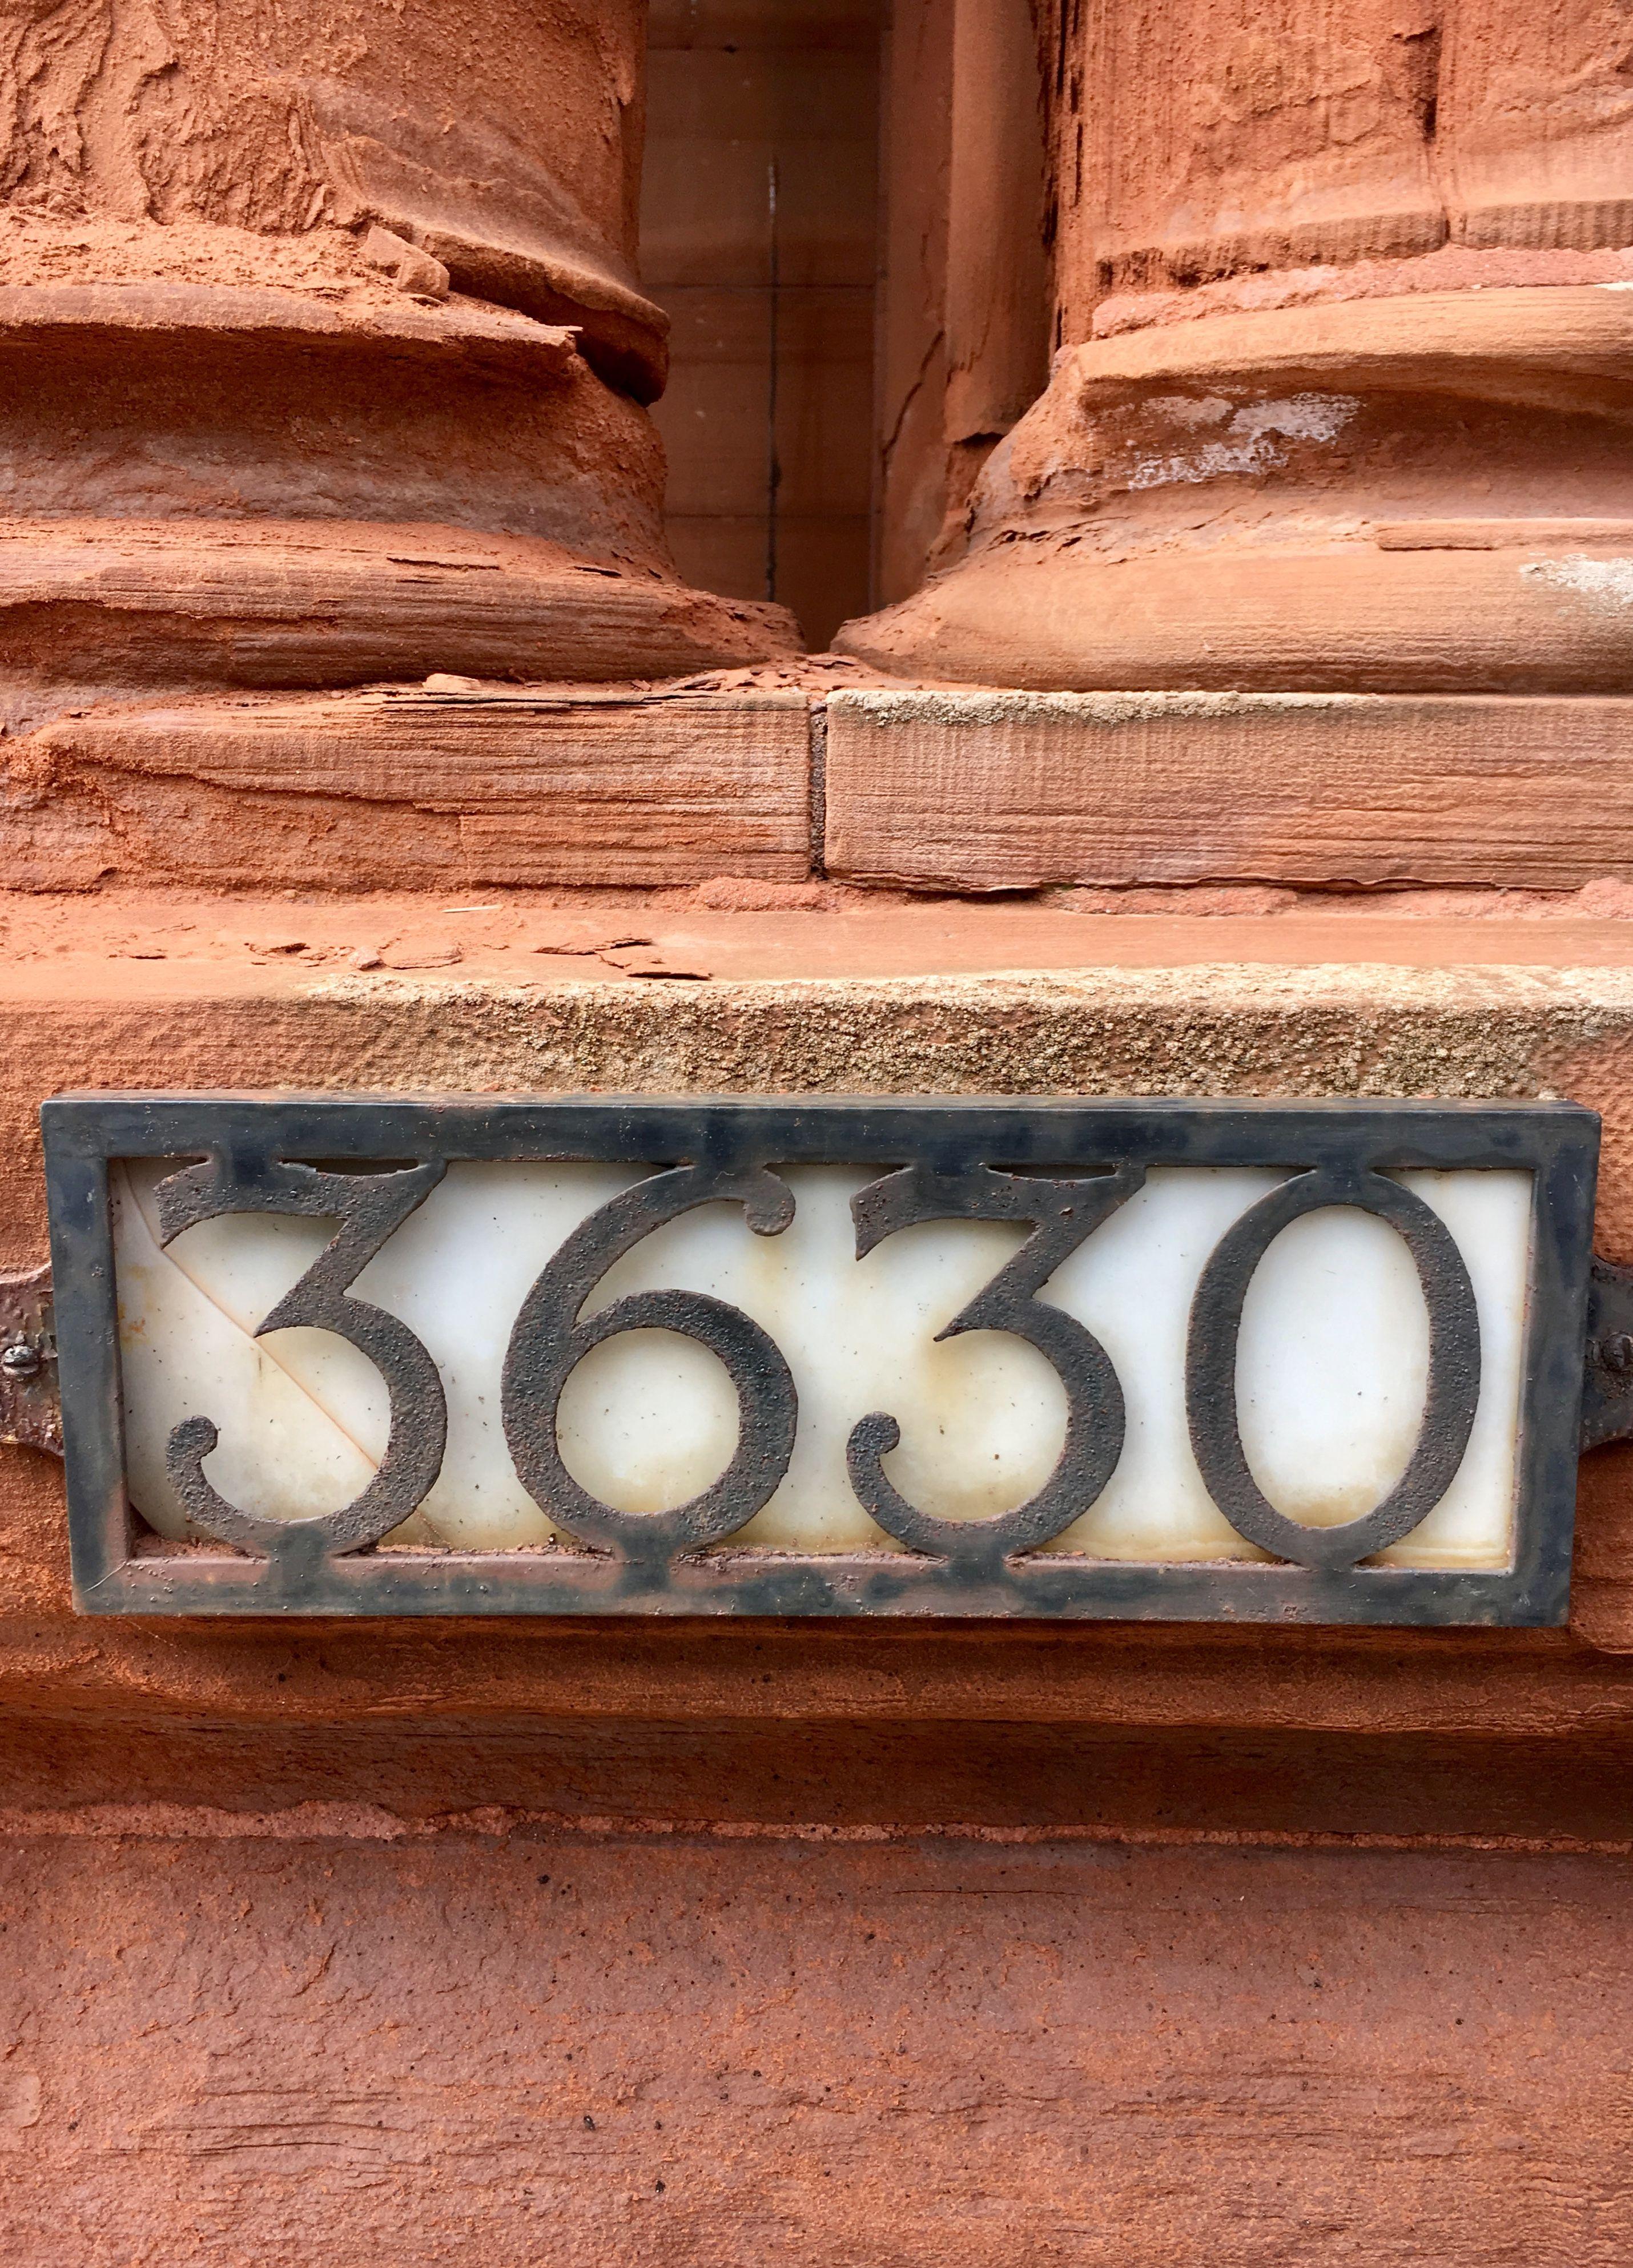 3630 Montréal Numéros de portes